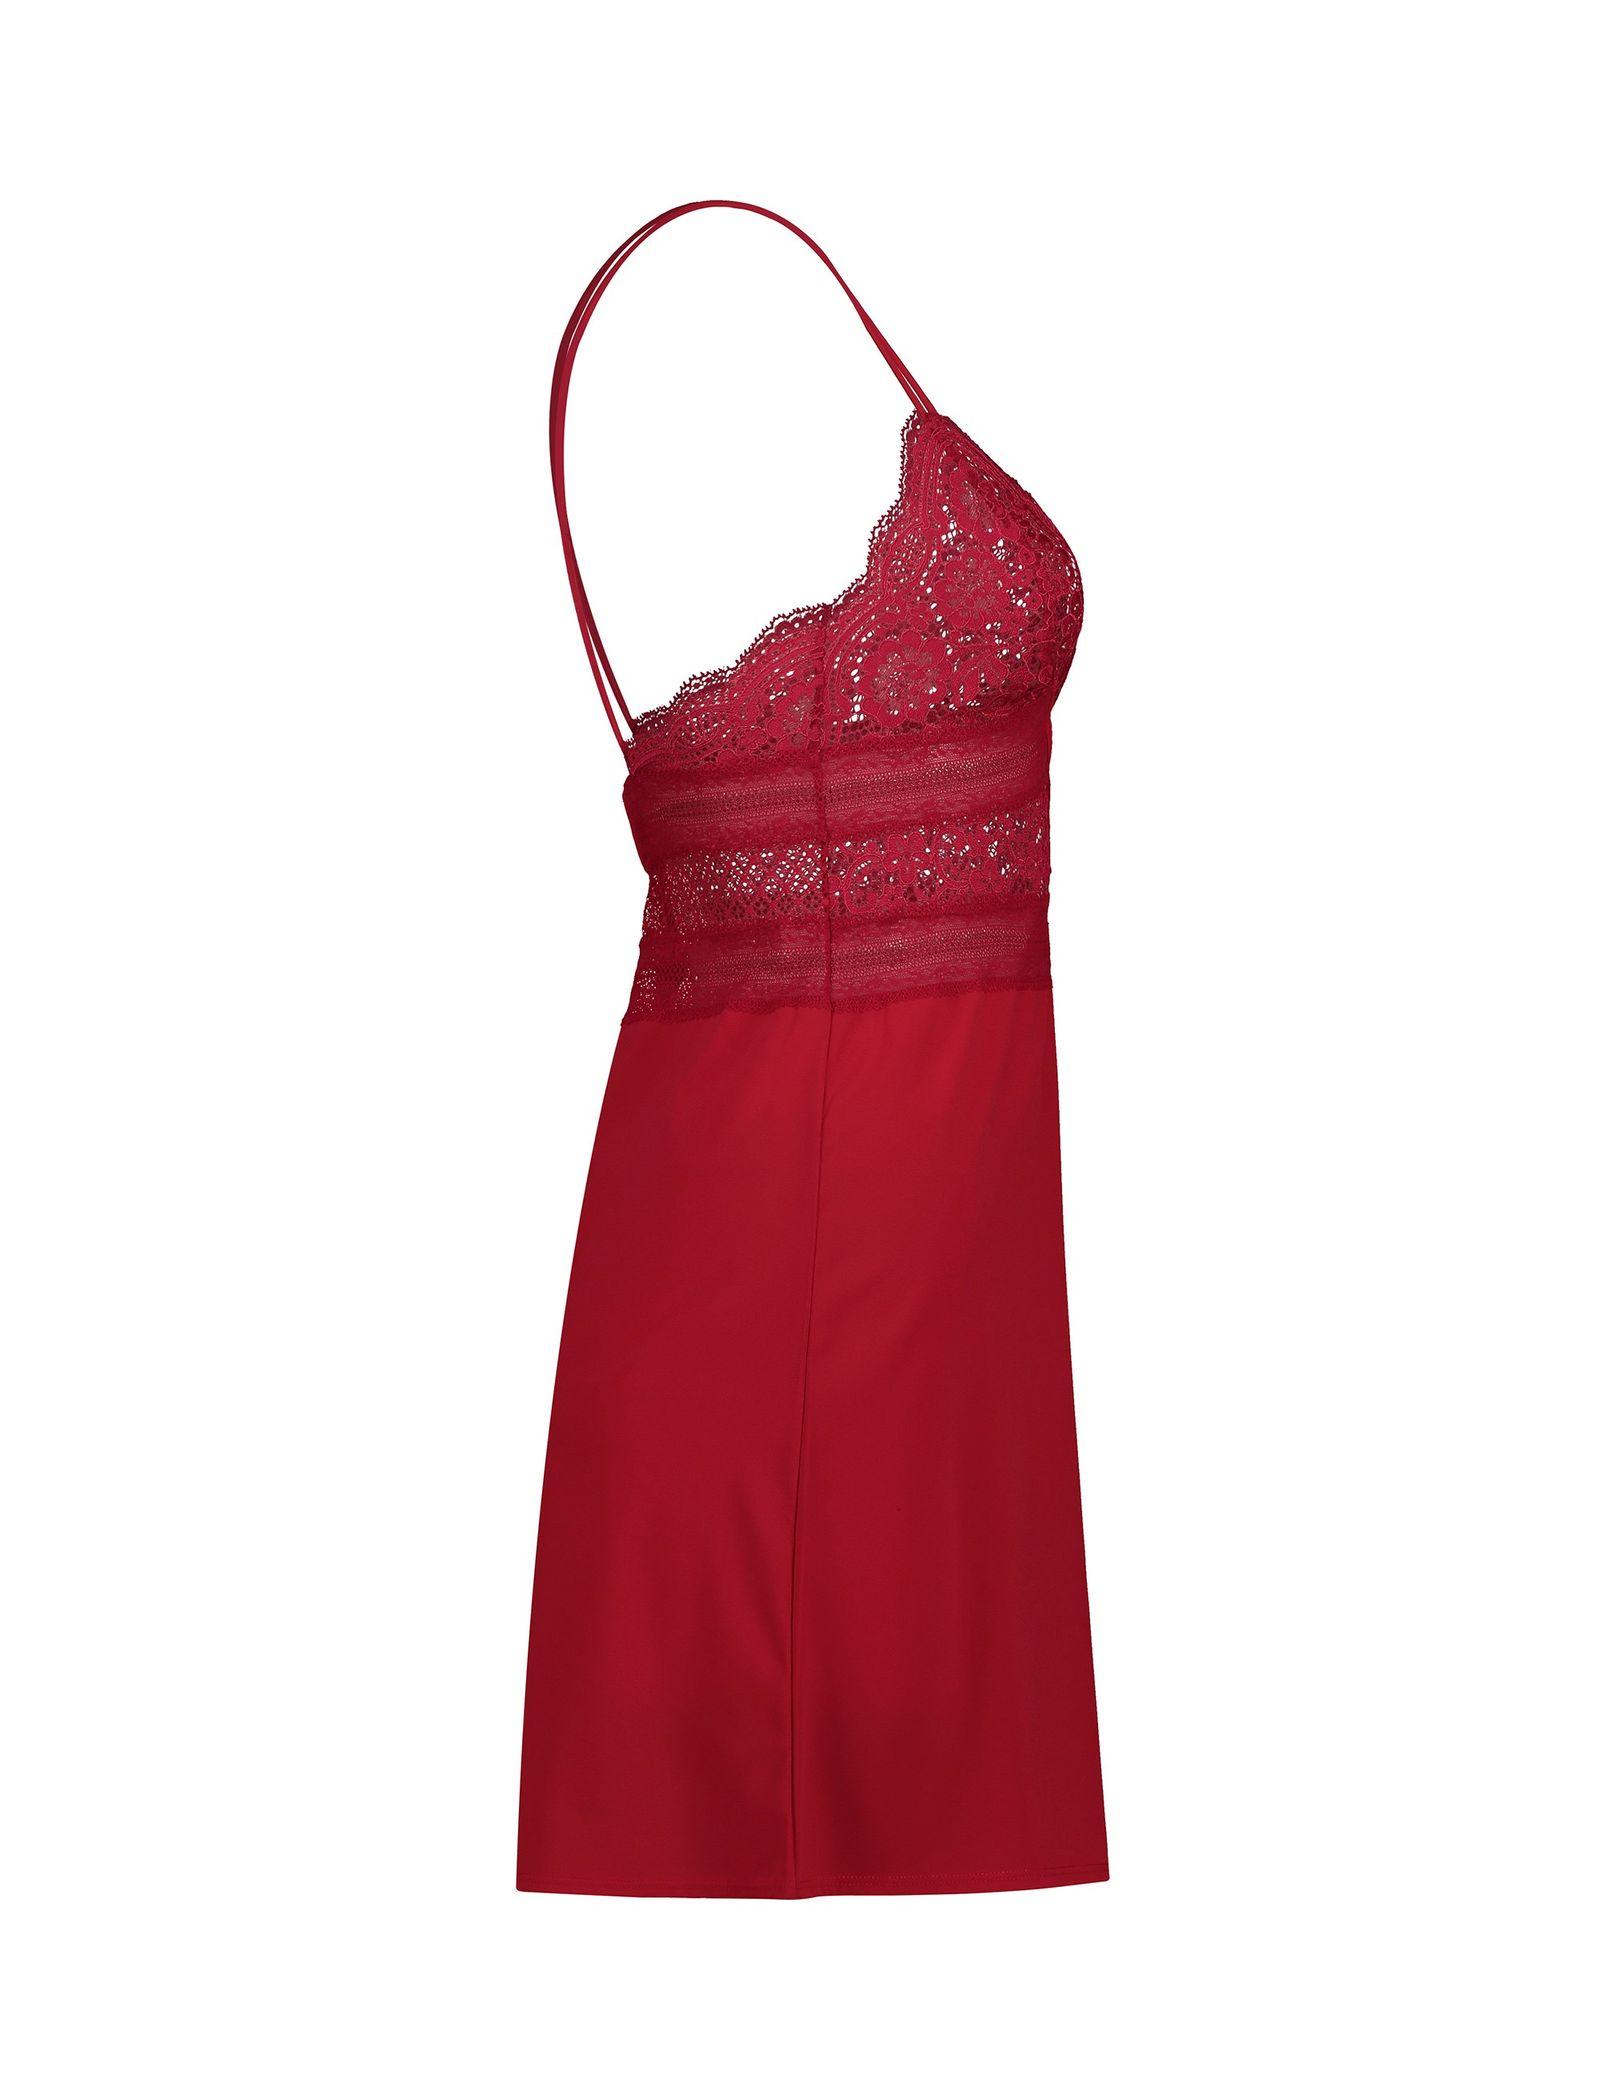 لباس خواب یک تکه زنانه - اتام - قرمز - 4